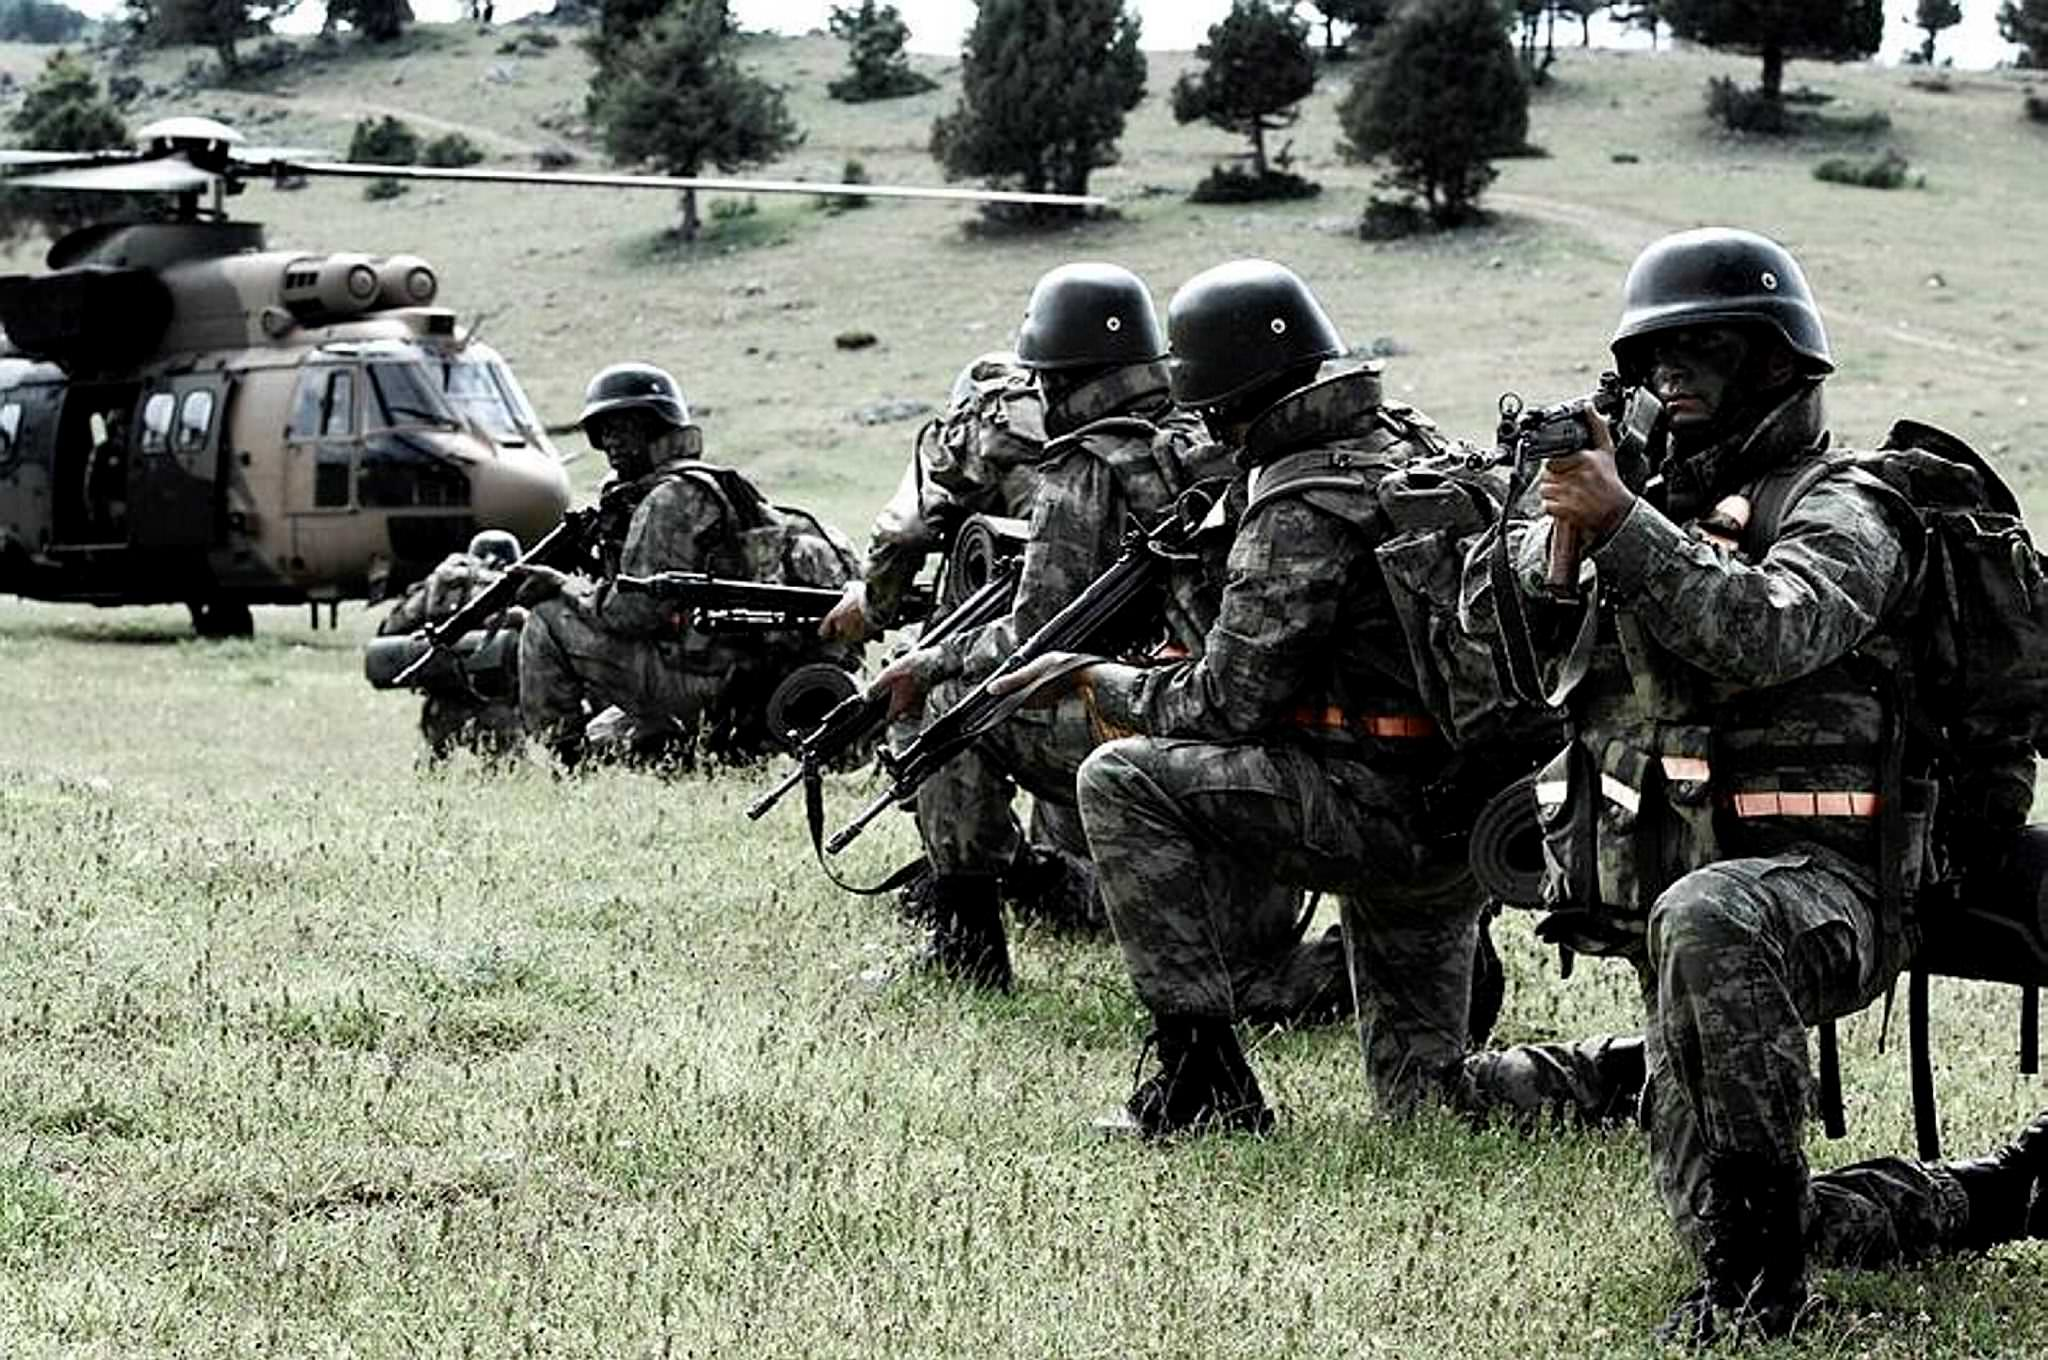 Üs bölgesine taciz ateşi açan PKK'lı kalleş öldürüldü